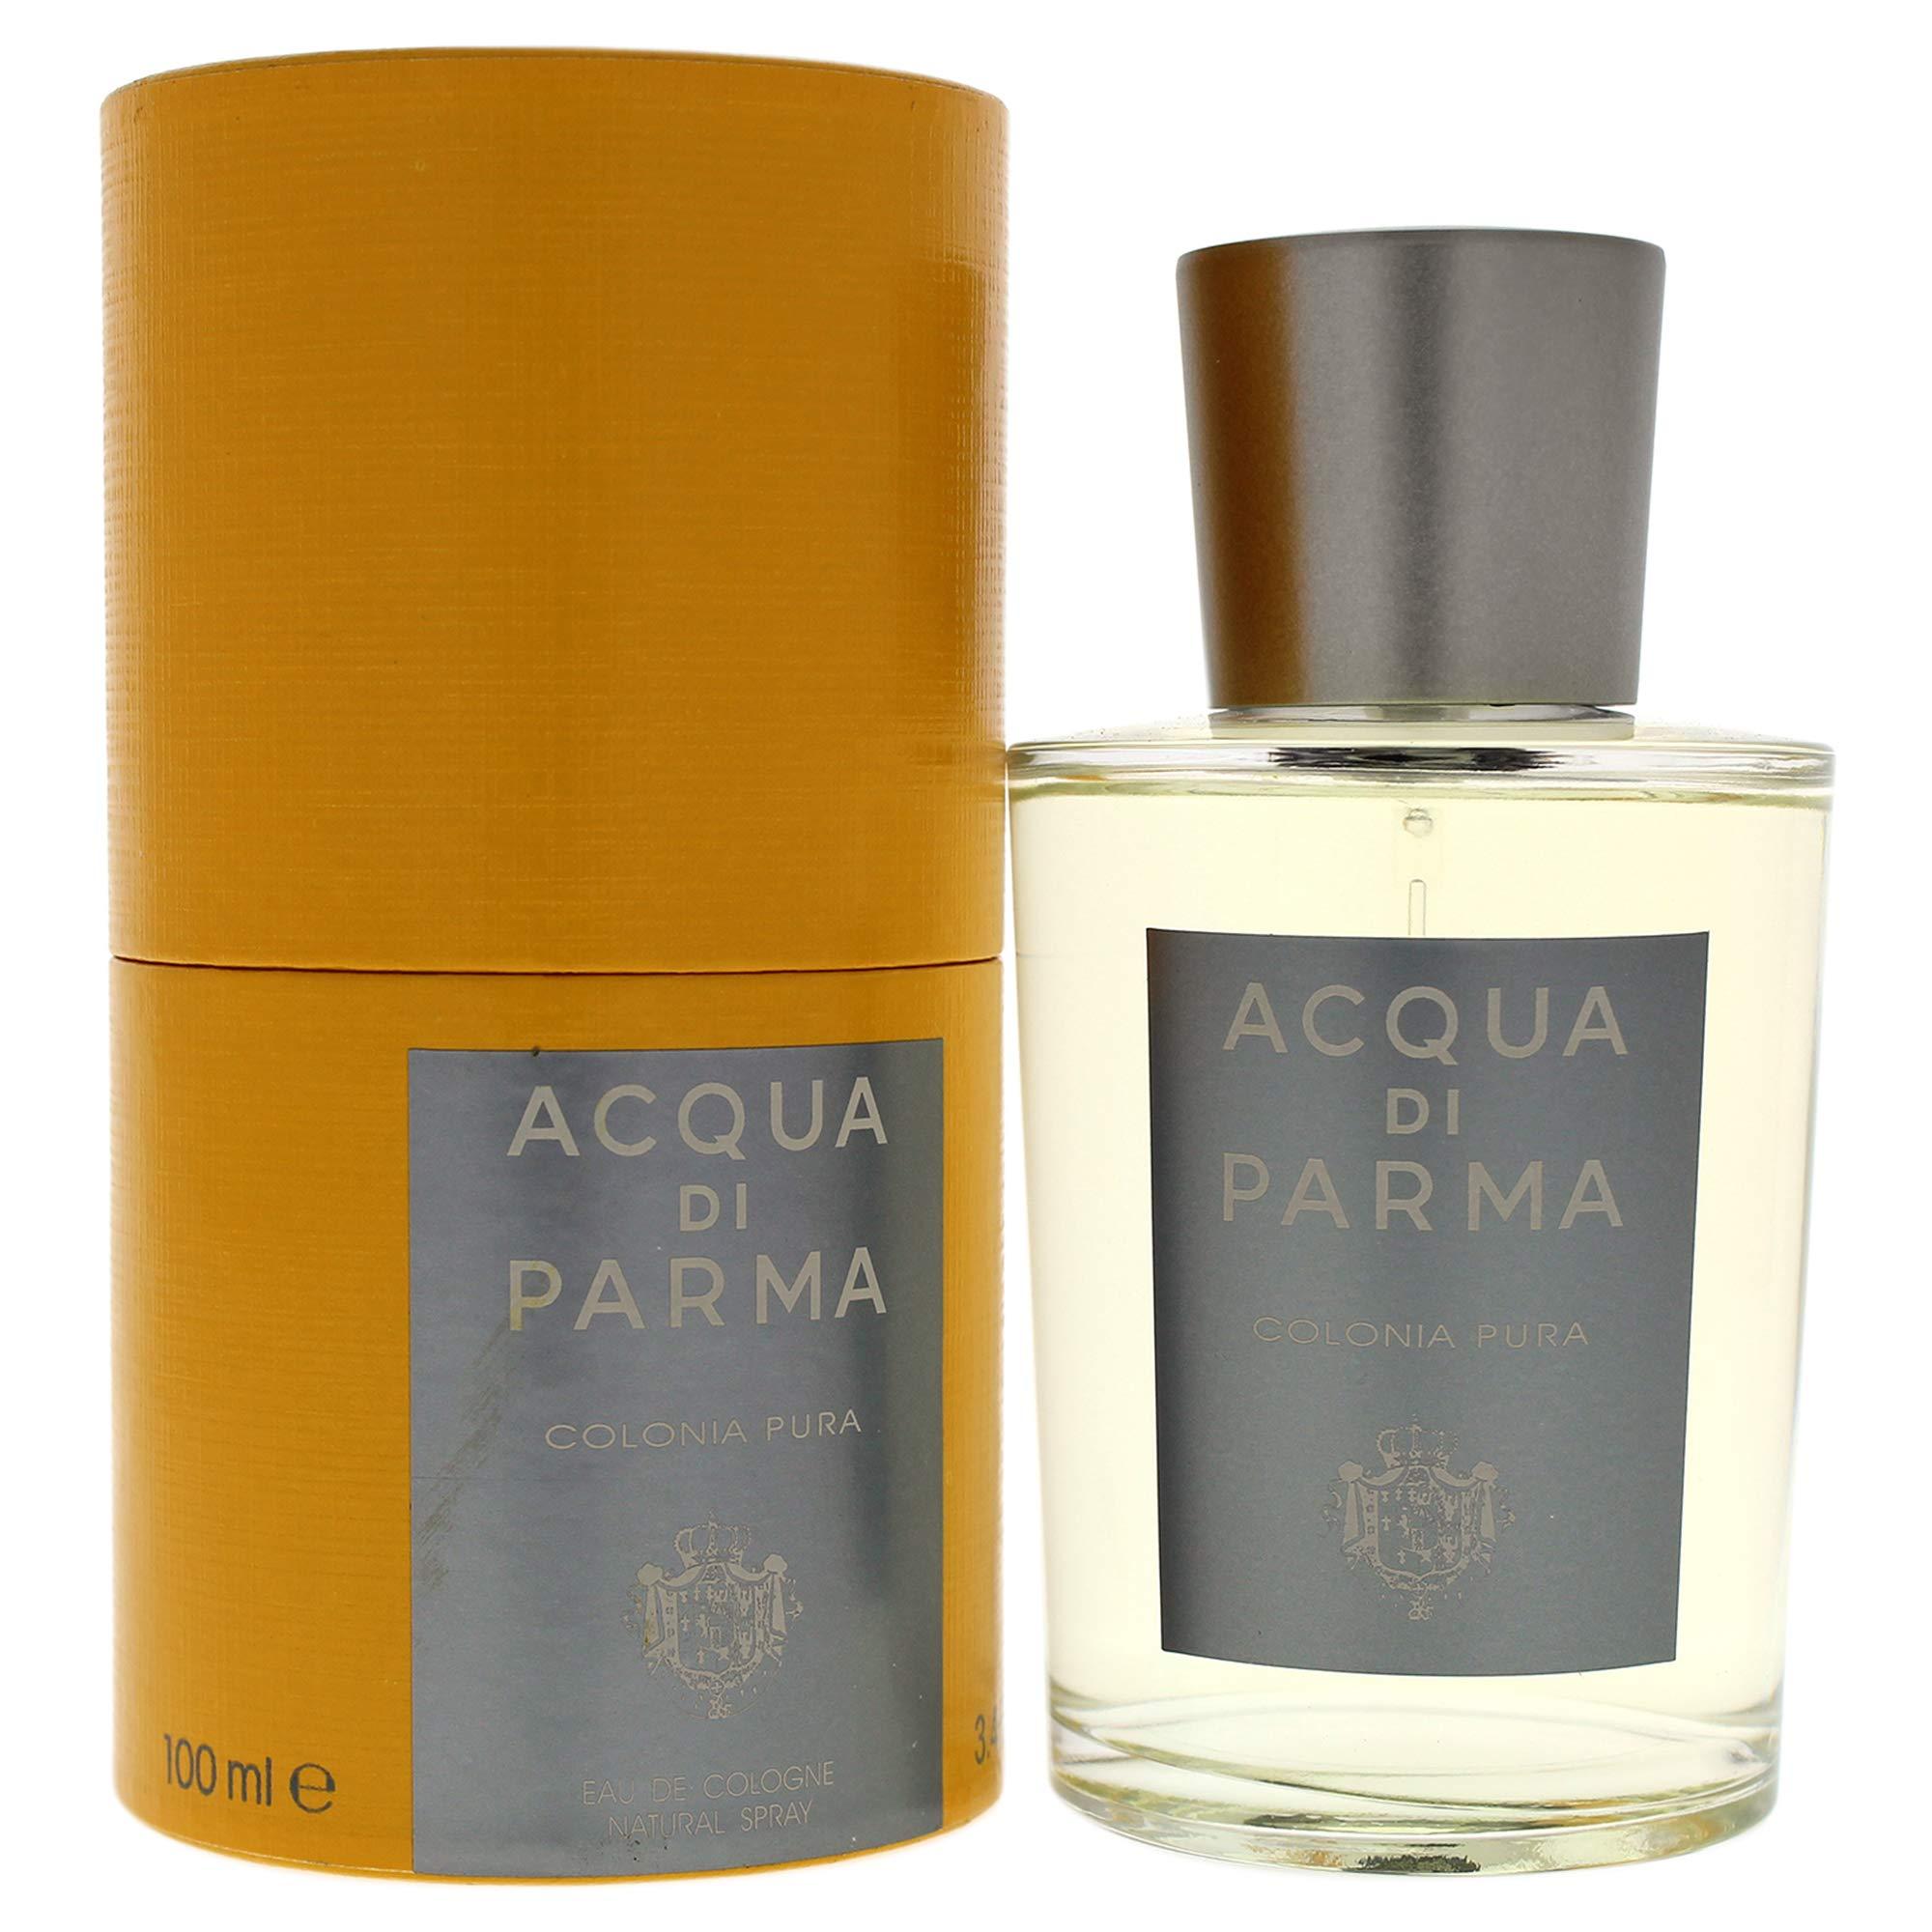 COLONIA PURA BY ACQUA DI PARMA 100 ML/ 3.4 OZ EAU DE COLOGNE SPRAY